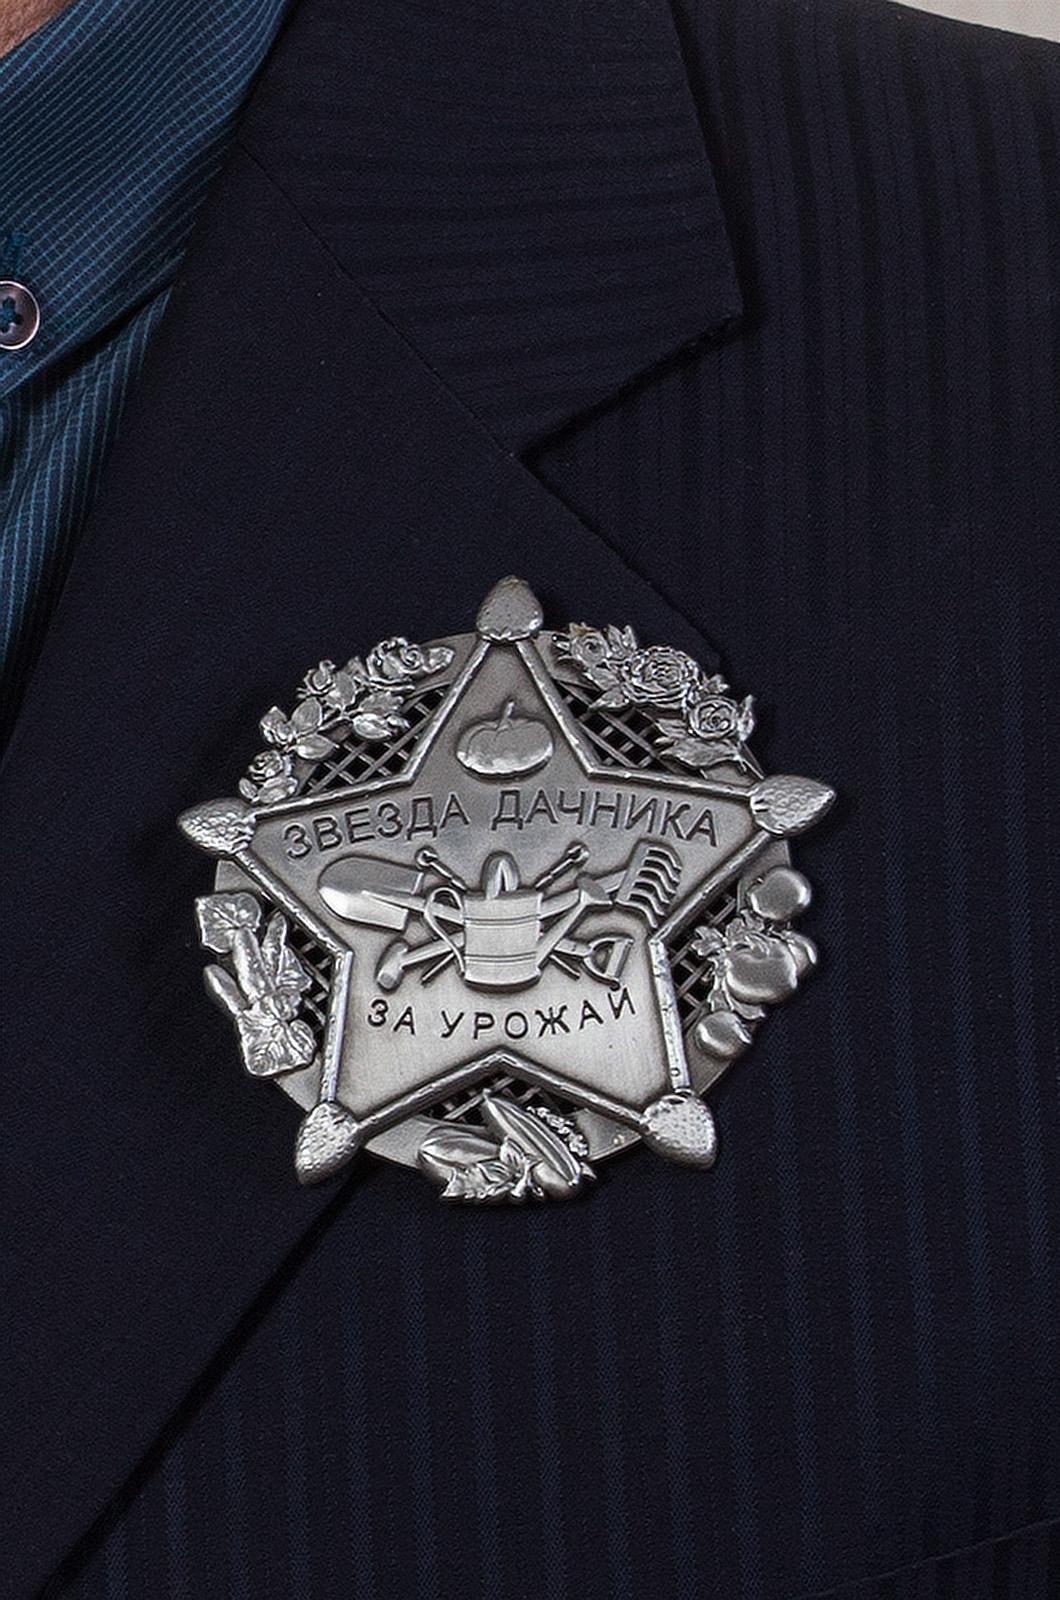 """Знак """"Звезда дачника"""" на лацкан пиджака"""